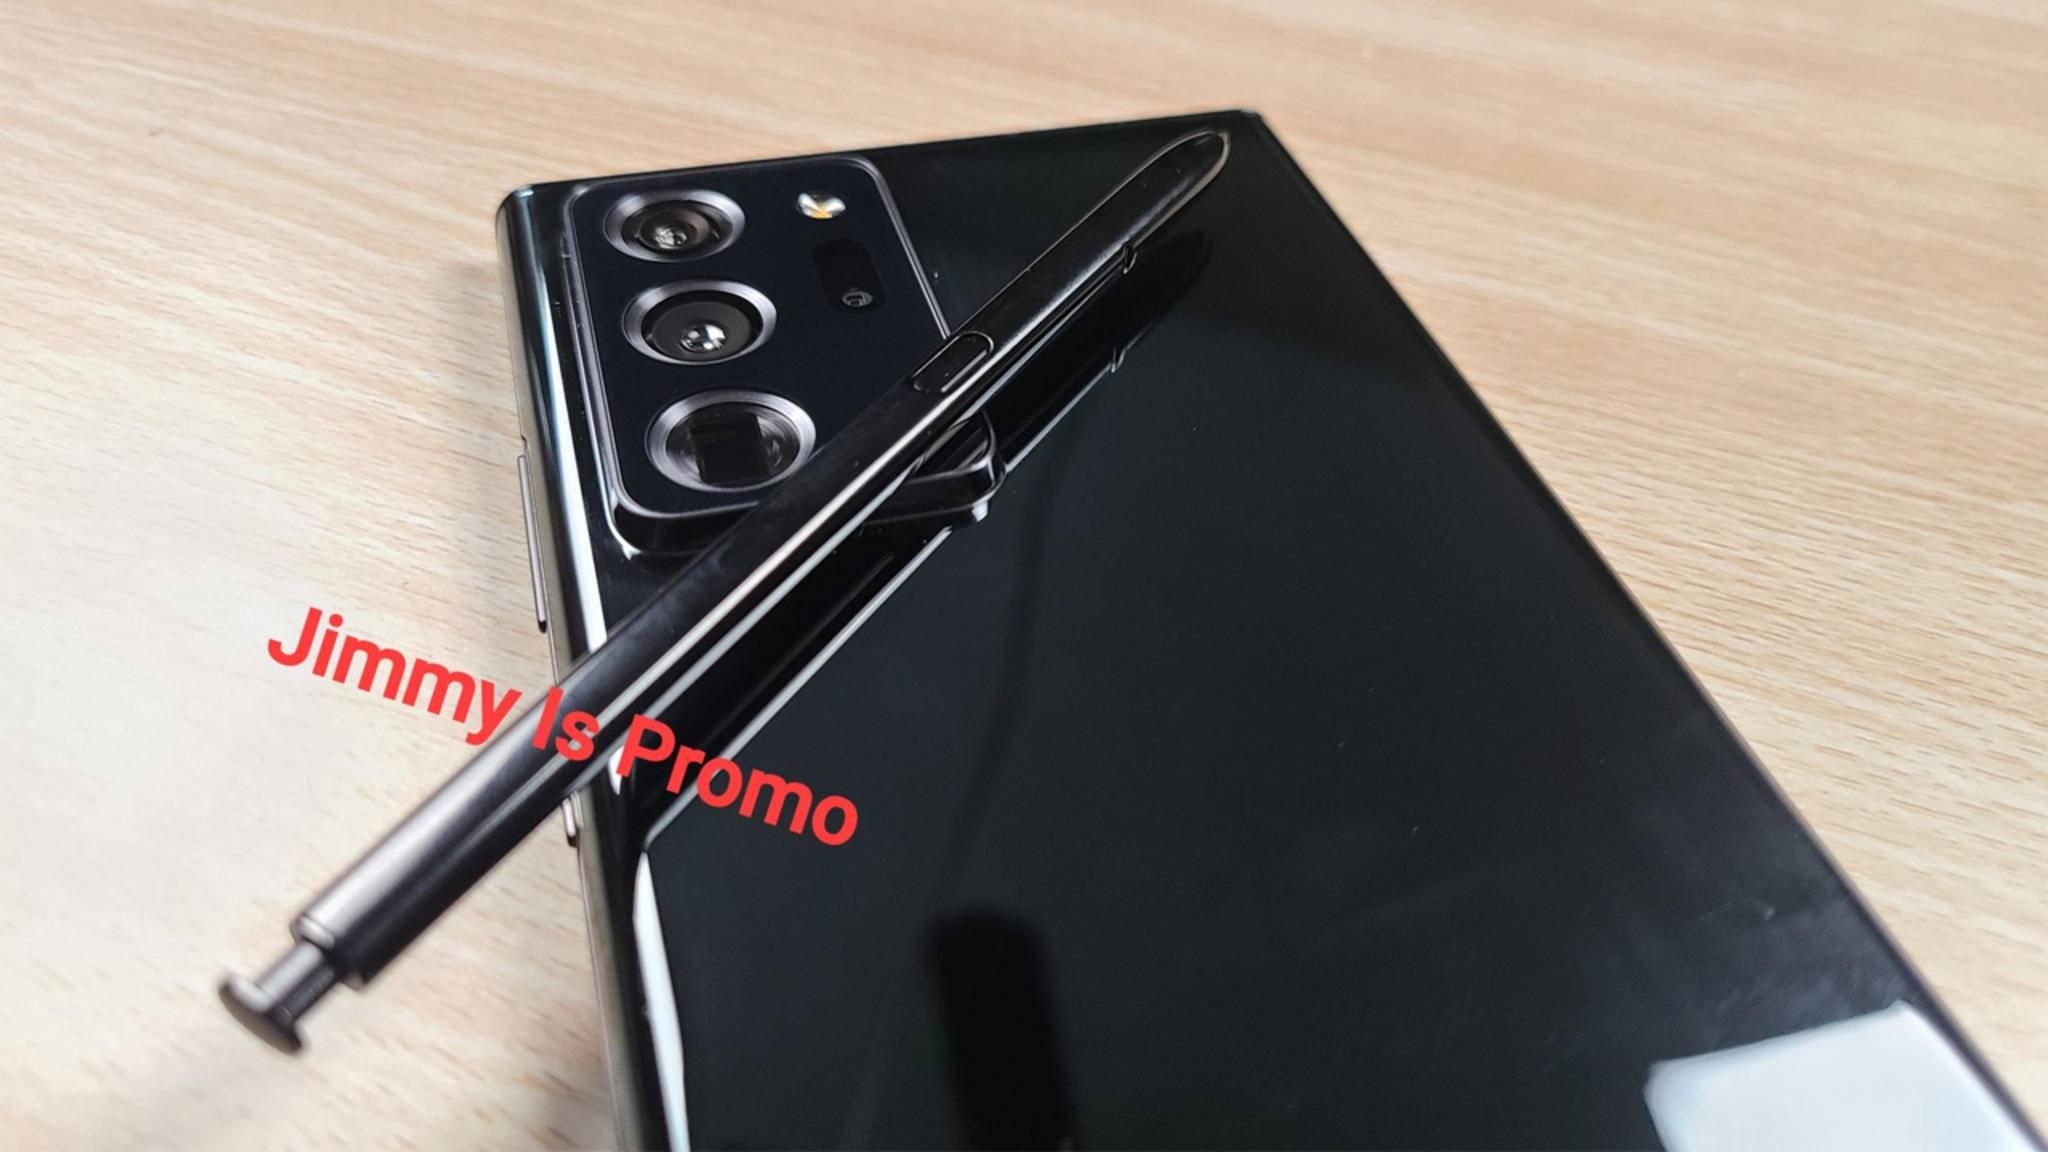 Samsung stellt das Galaxy Note 20 und Note 20 Ultra voraussichtlich Anfang August vor.